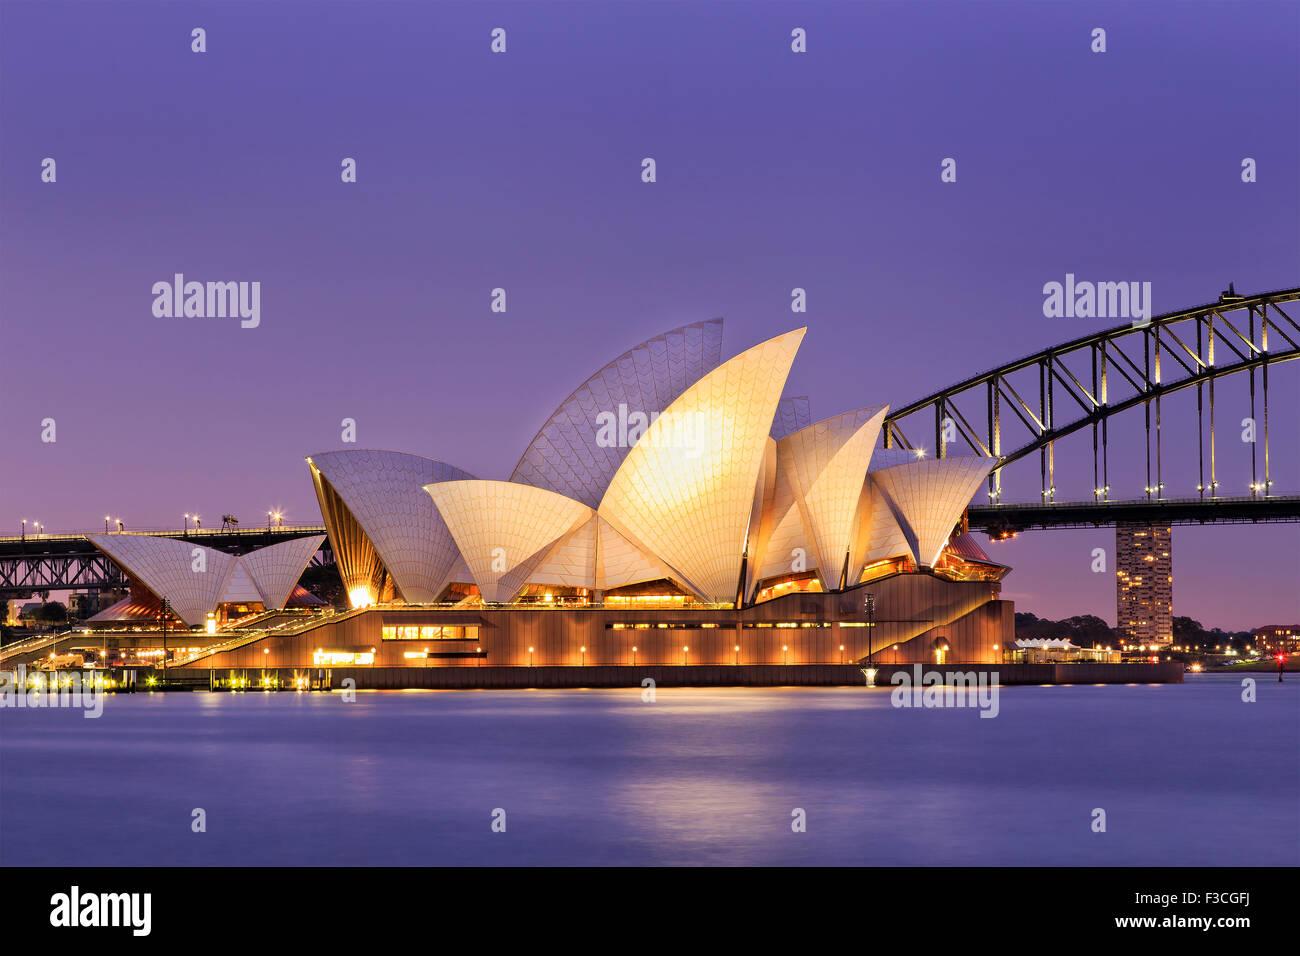 SYDNEY, Australien, 10. Juli 2015 - Sydney Opera House und Harbour Bridge in Sydney bei Sonnenuntergang. Legendären und weltweit bekannte Wahrzeichen der Stockfoto